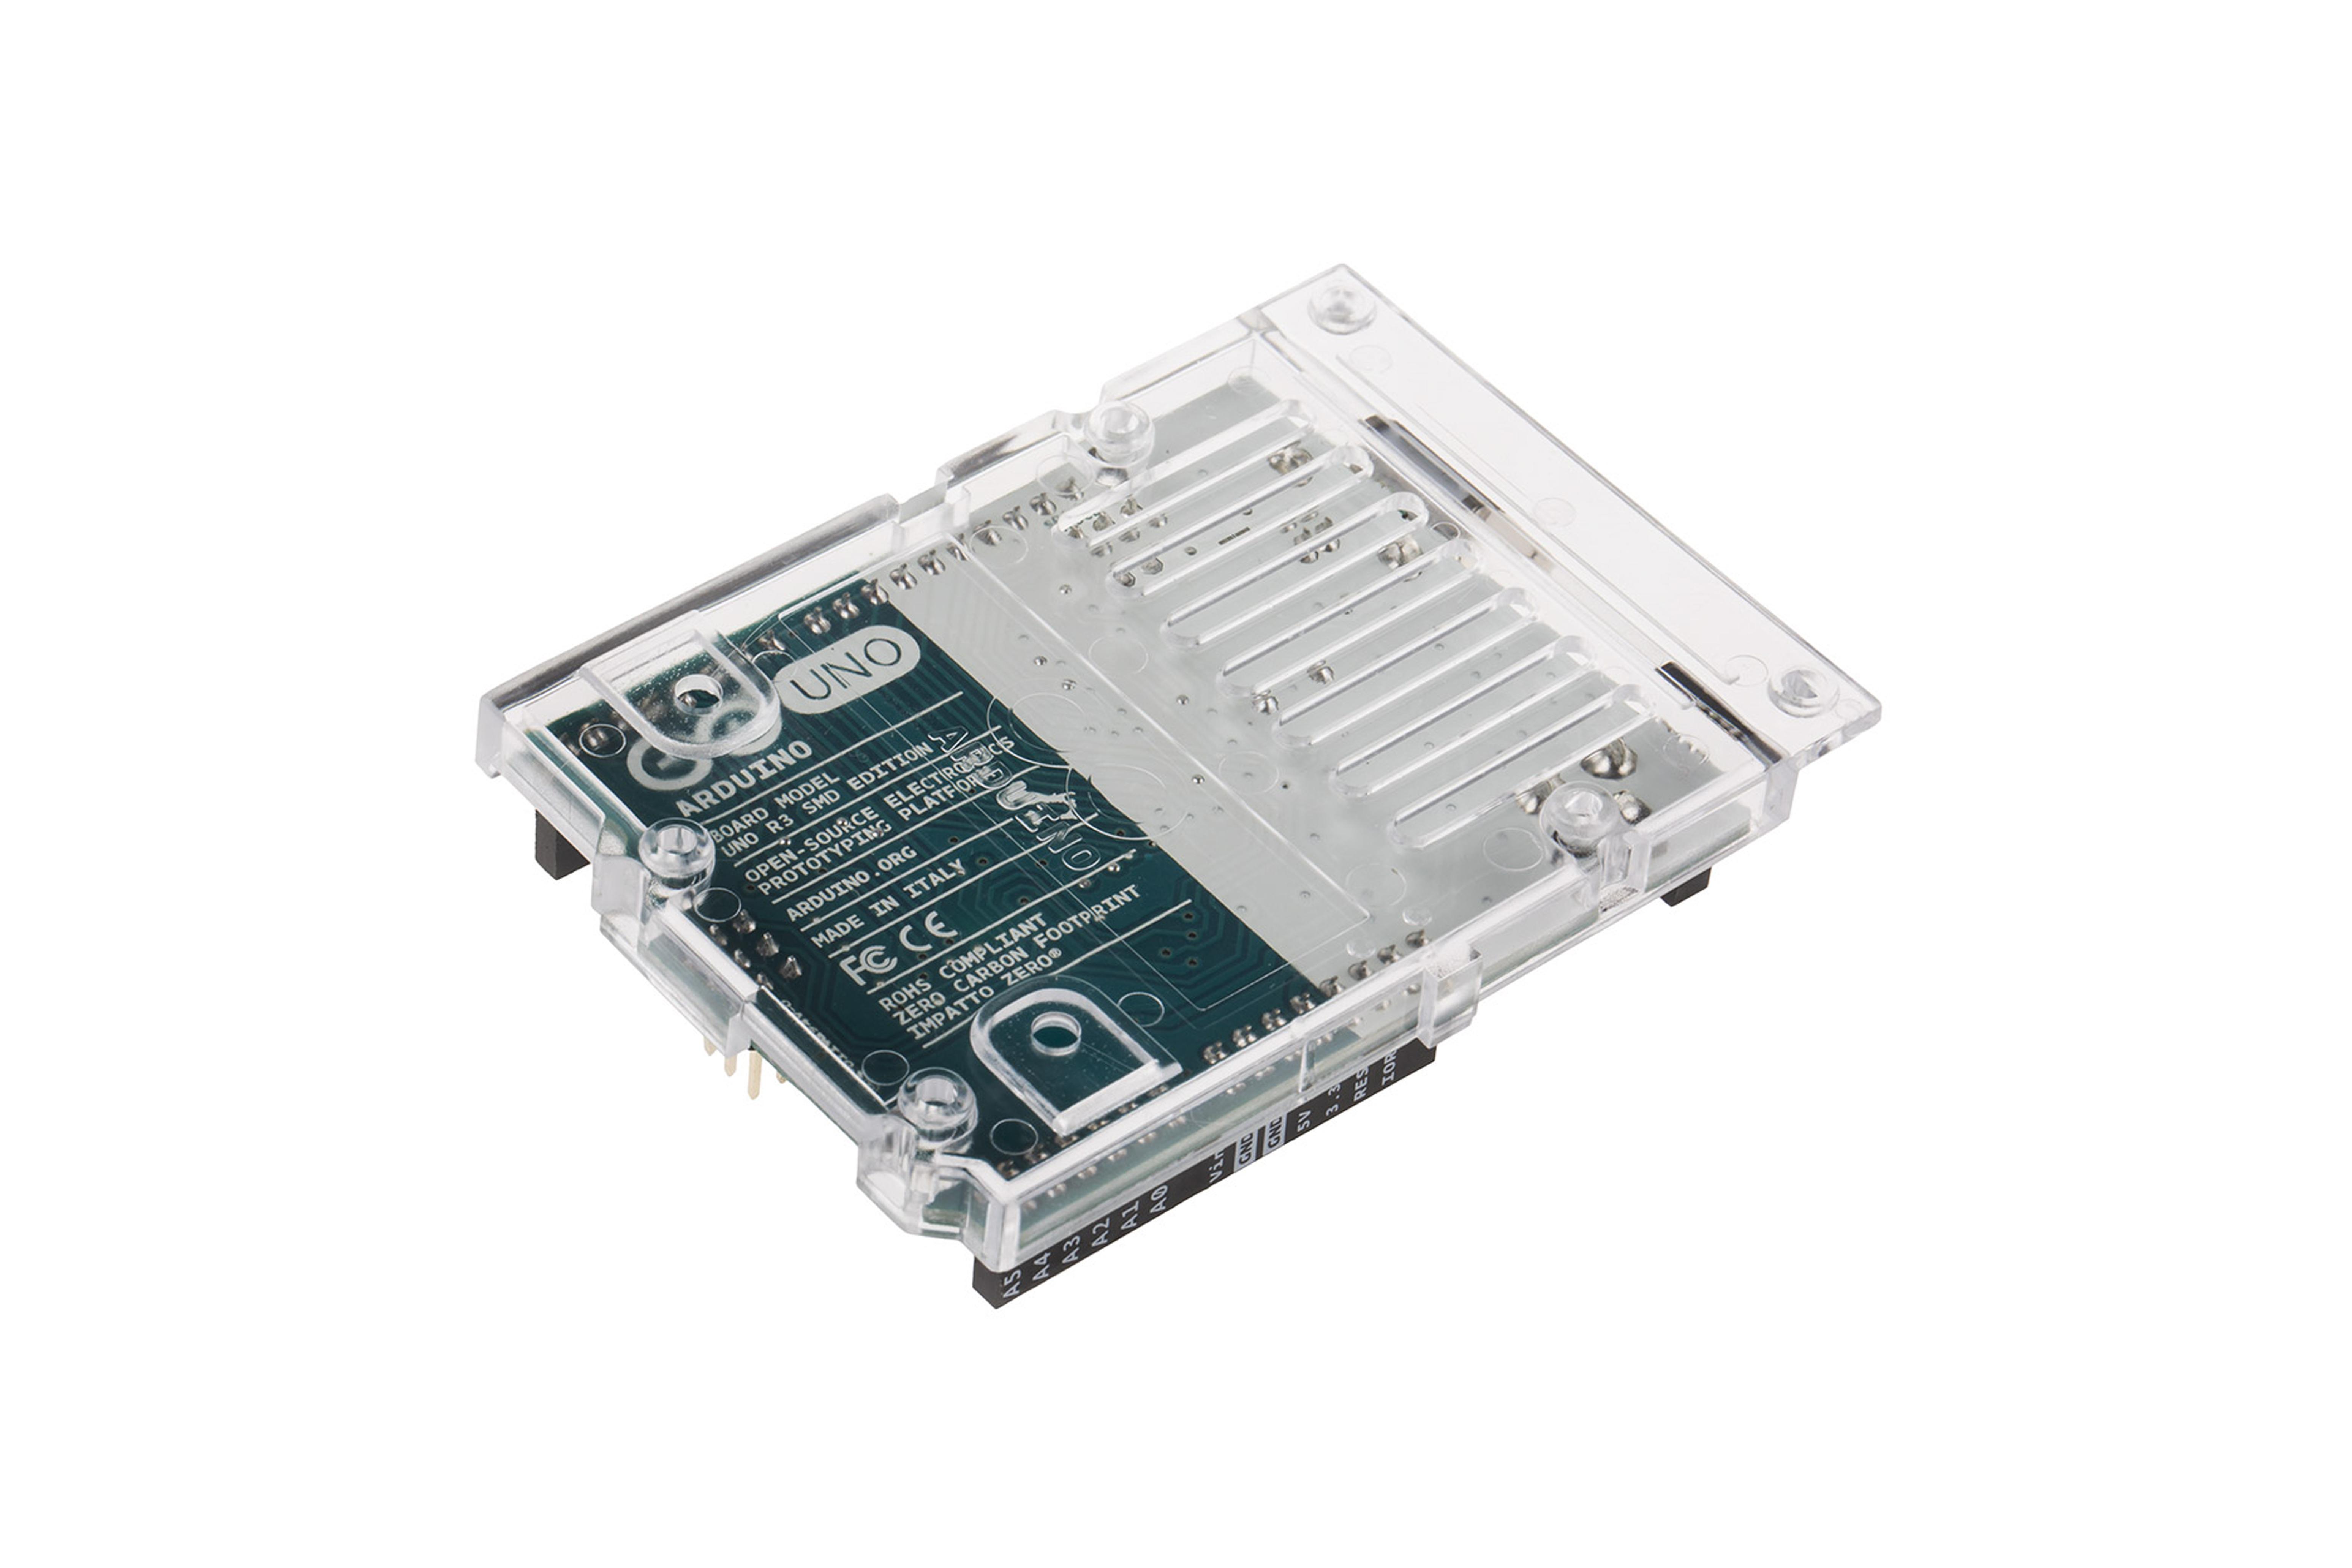 ArduinoUno SMD Rev3